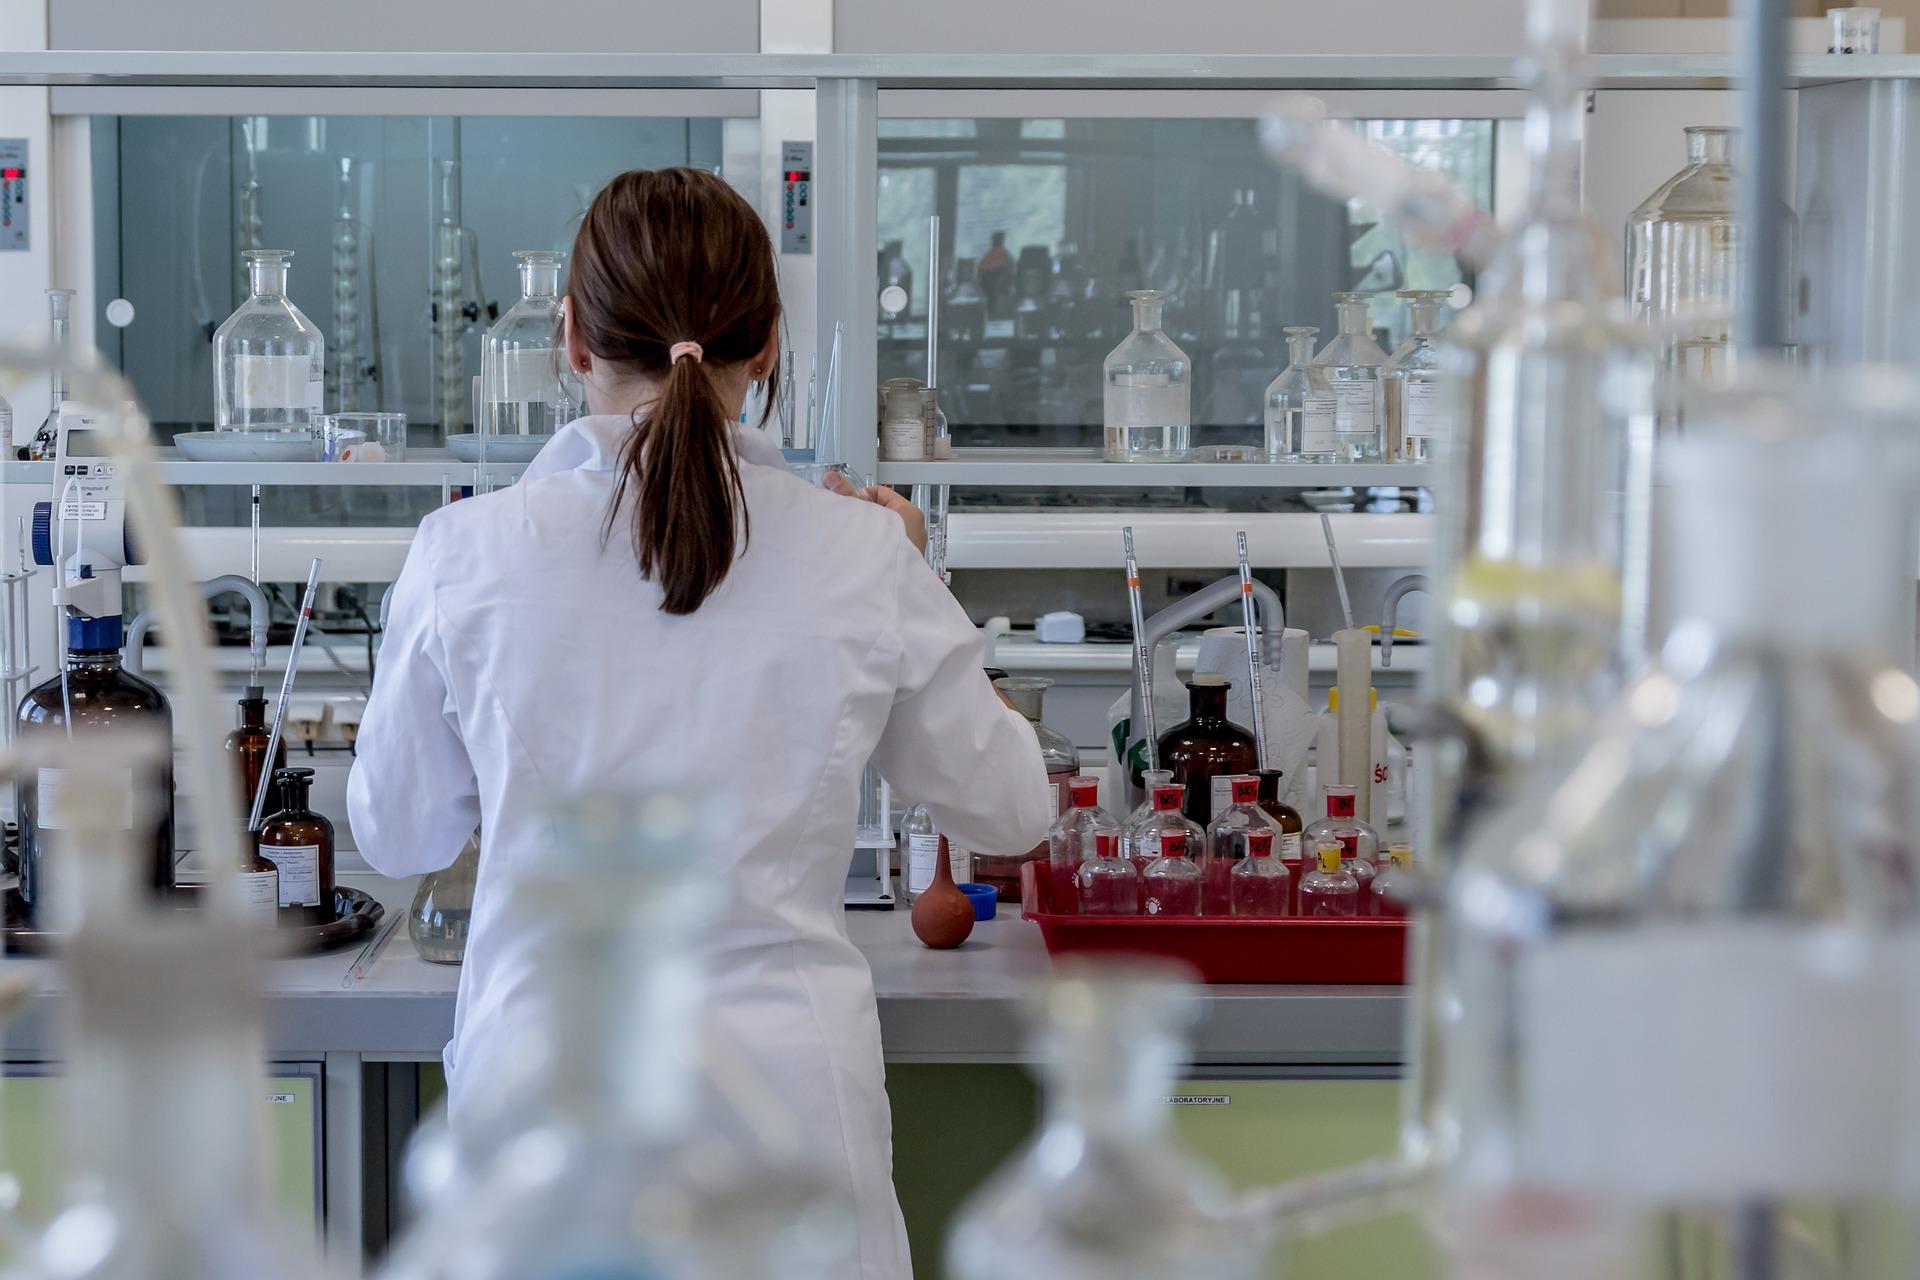 Polscy naukowcy badają interakcje koronawirusa z ludzkimi komórkami